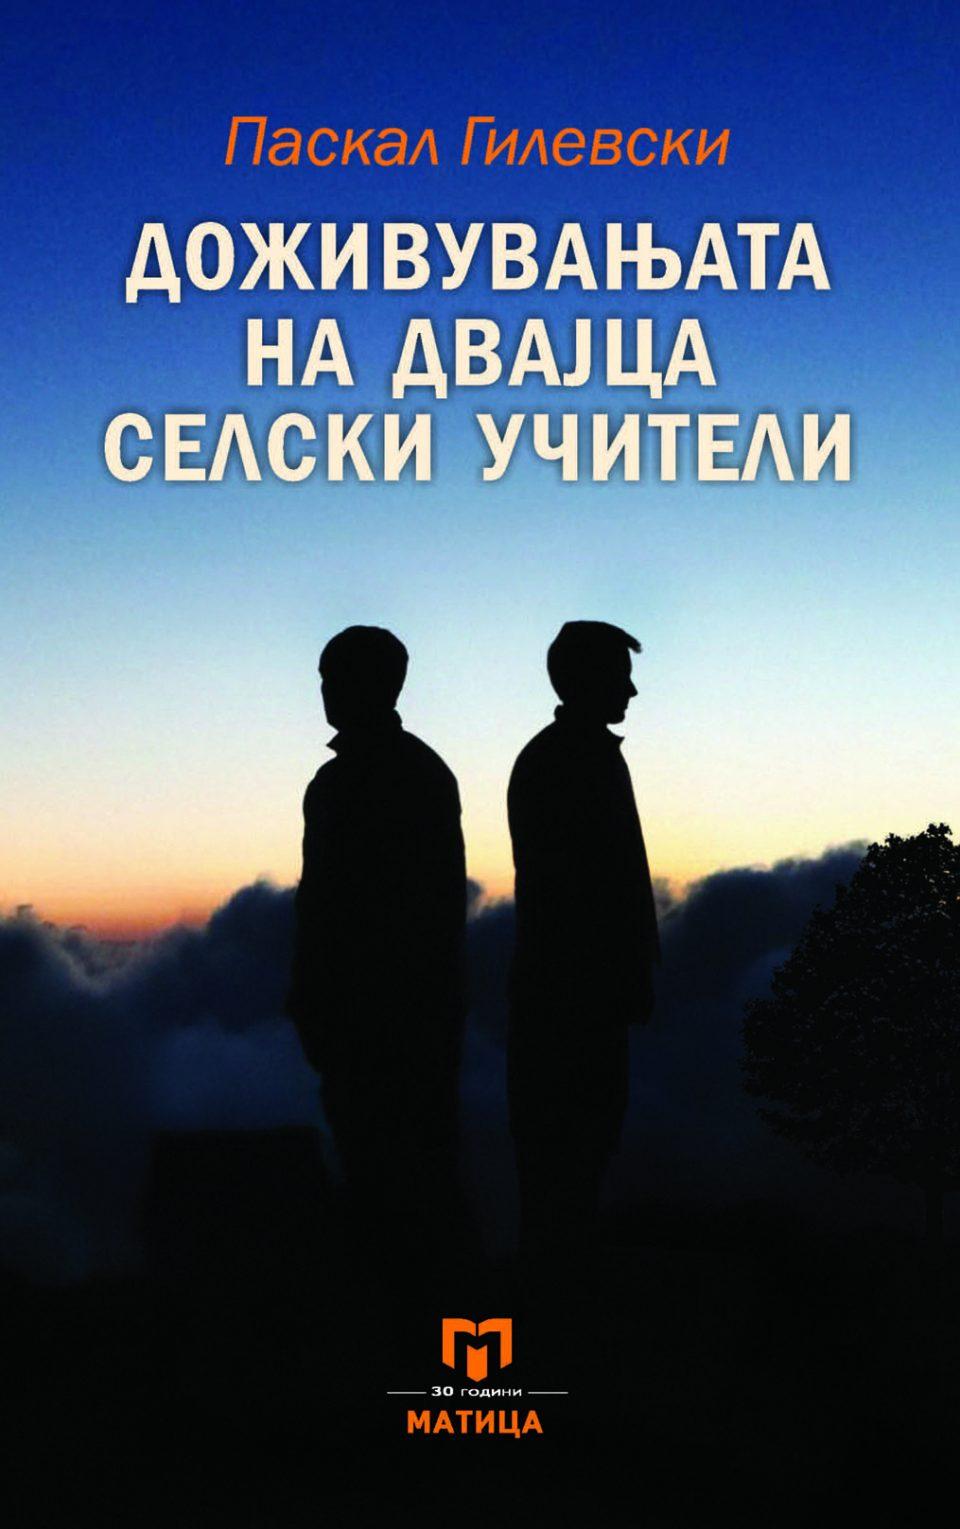 """""""Доживувањата на двајца селски учители""""-нова книга од Паскал Гилевски"""